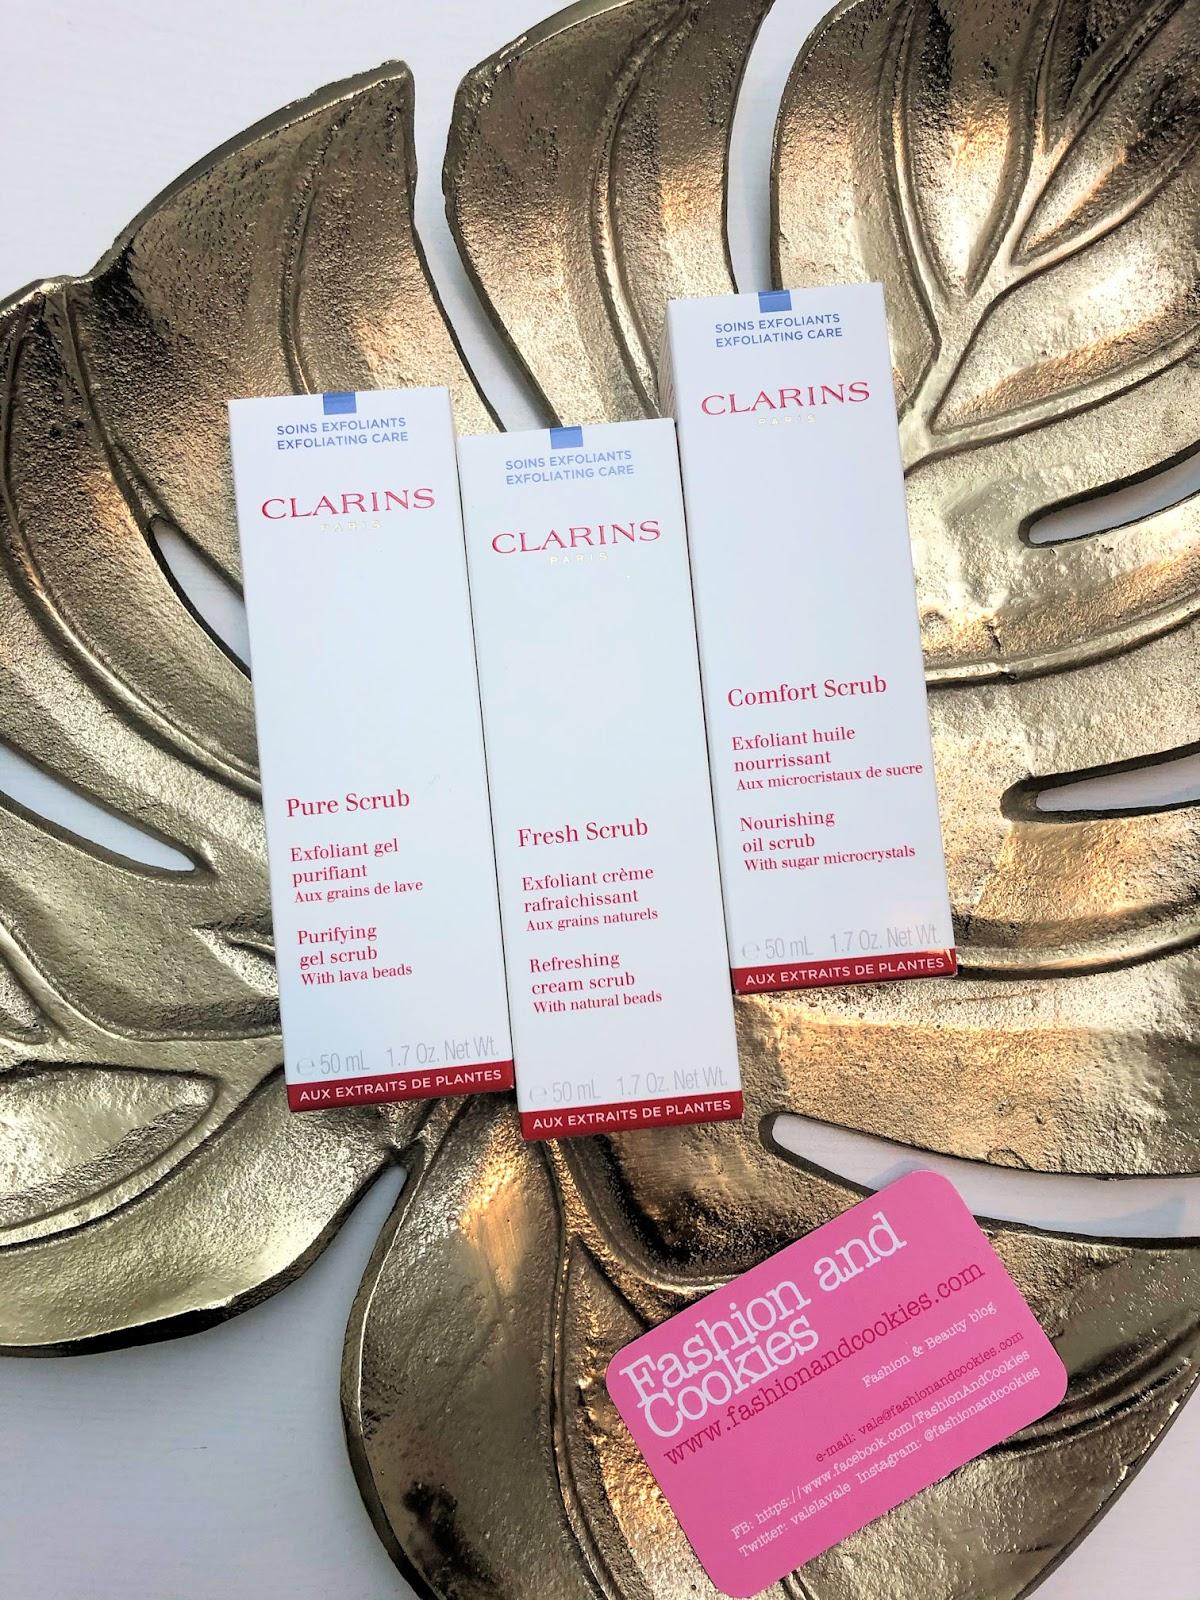 Prepararsi per Capodanno: effetto pelle nuova con gli Scrub Clarins su Fashion and Cookies beauty blog